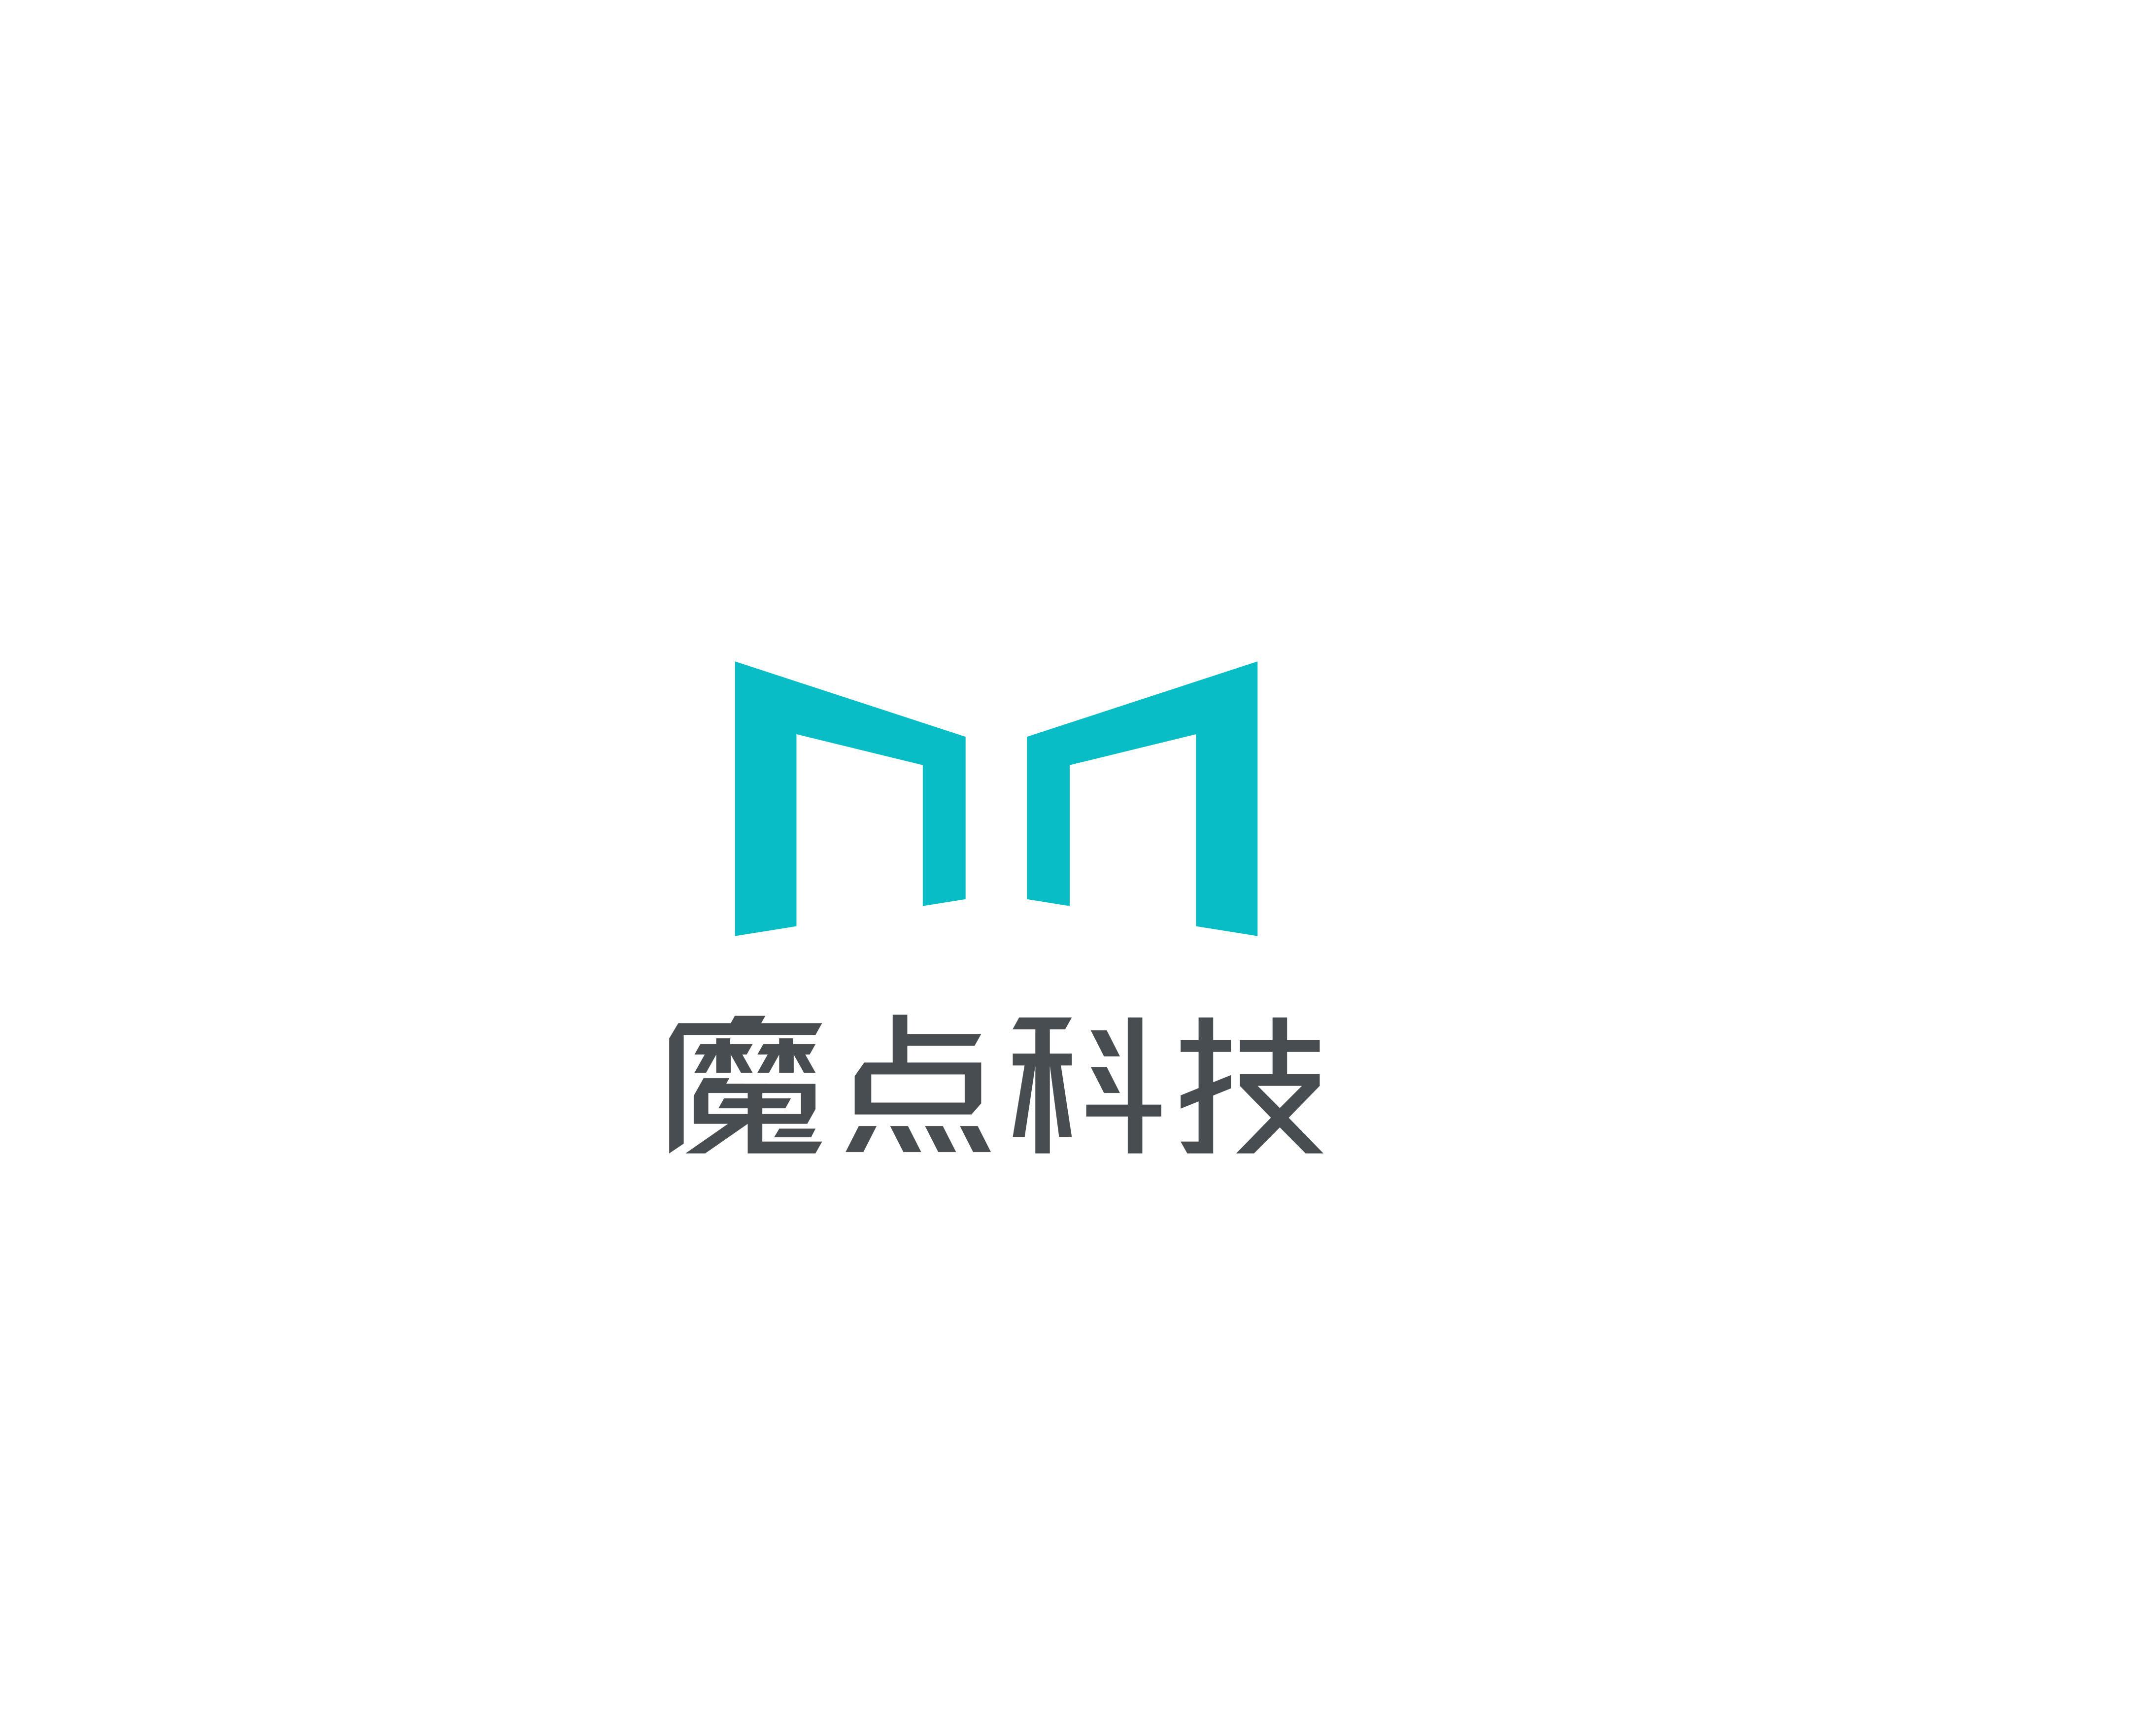 杭州魔點科技有限公司